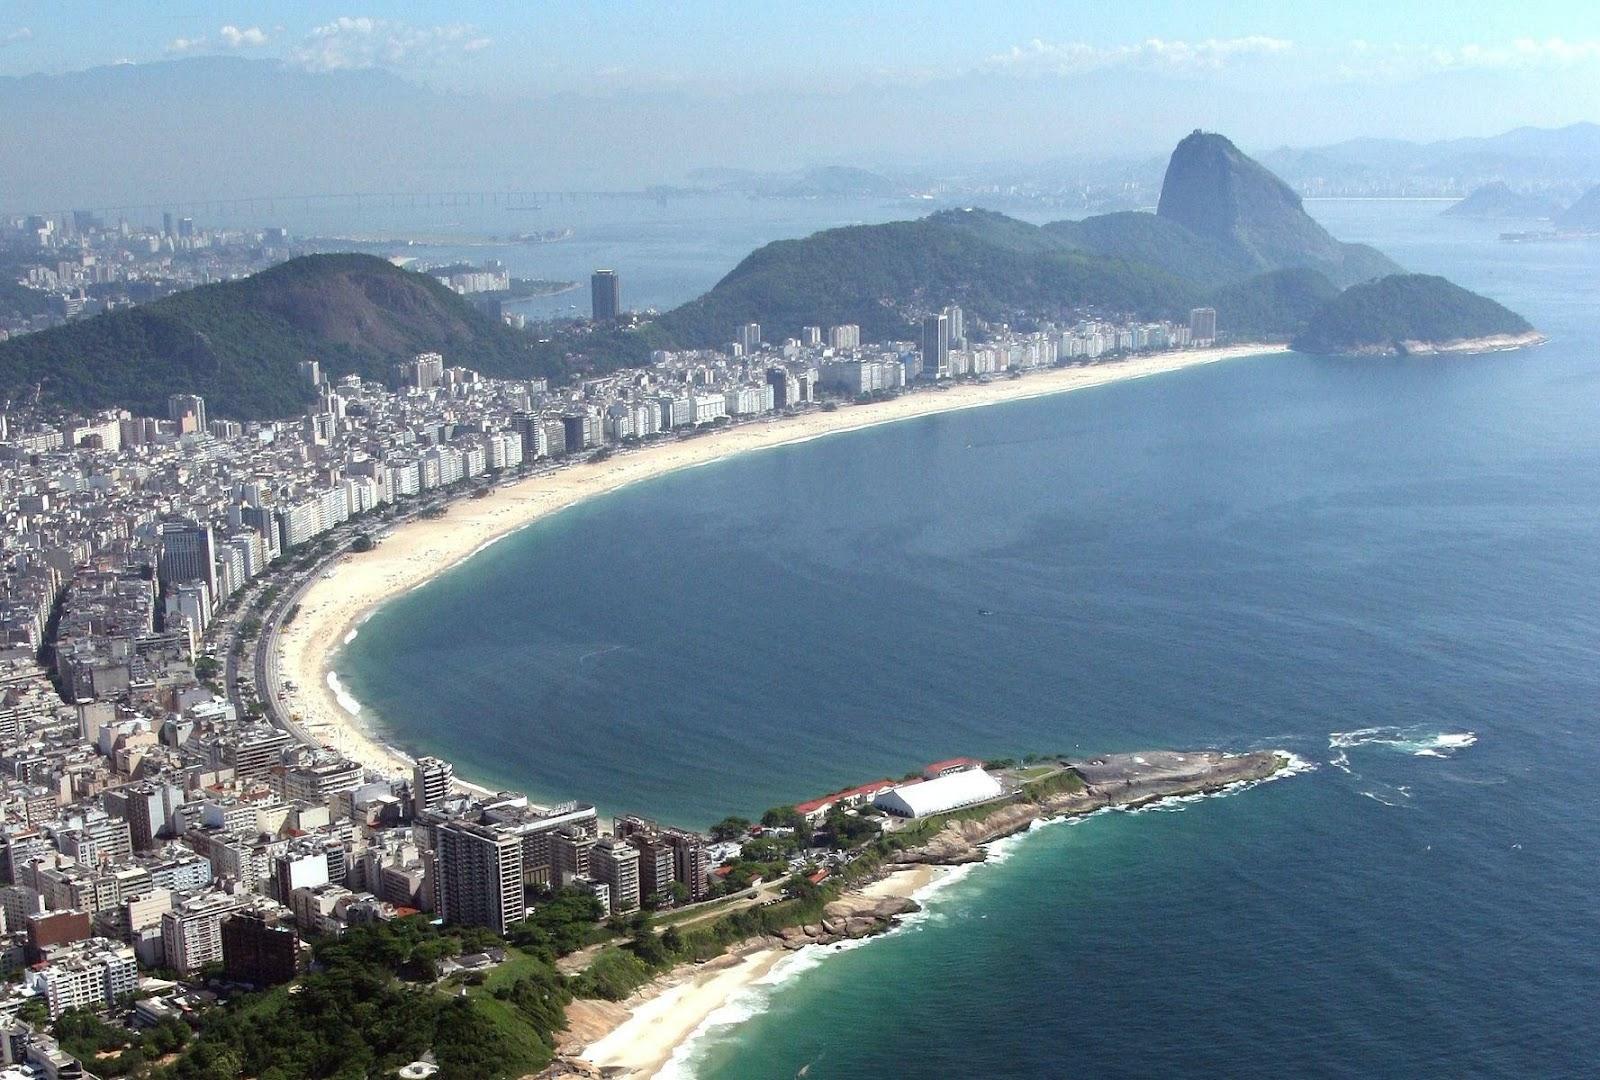 Rio De Janeiro, Brazil - Travel Guide and Travel Info - Exotic Travel ...